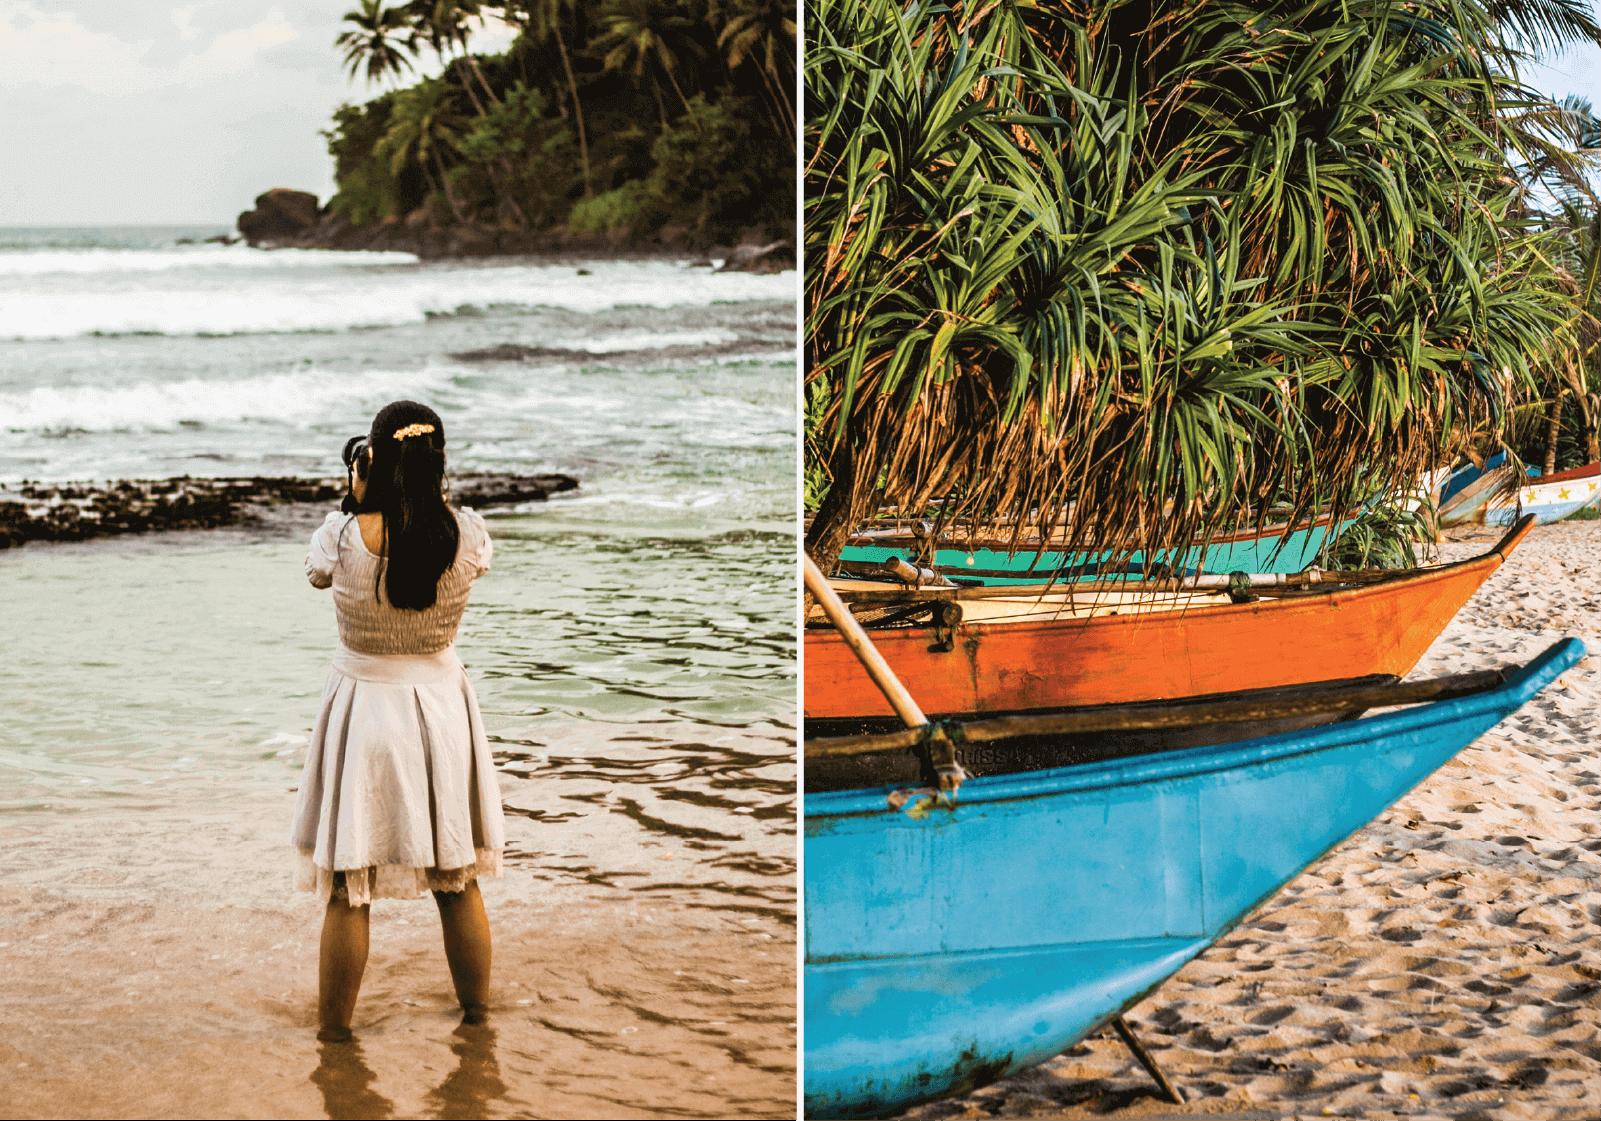 Memórias guardadas de Mirissa, no Sri Lanka, onde as cores e os pores do sol fazem deste, um local irremediavelmente inesquecível © Susana Gasalho